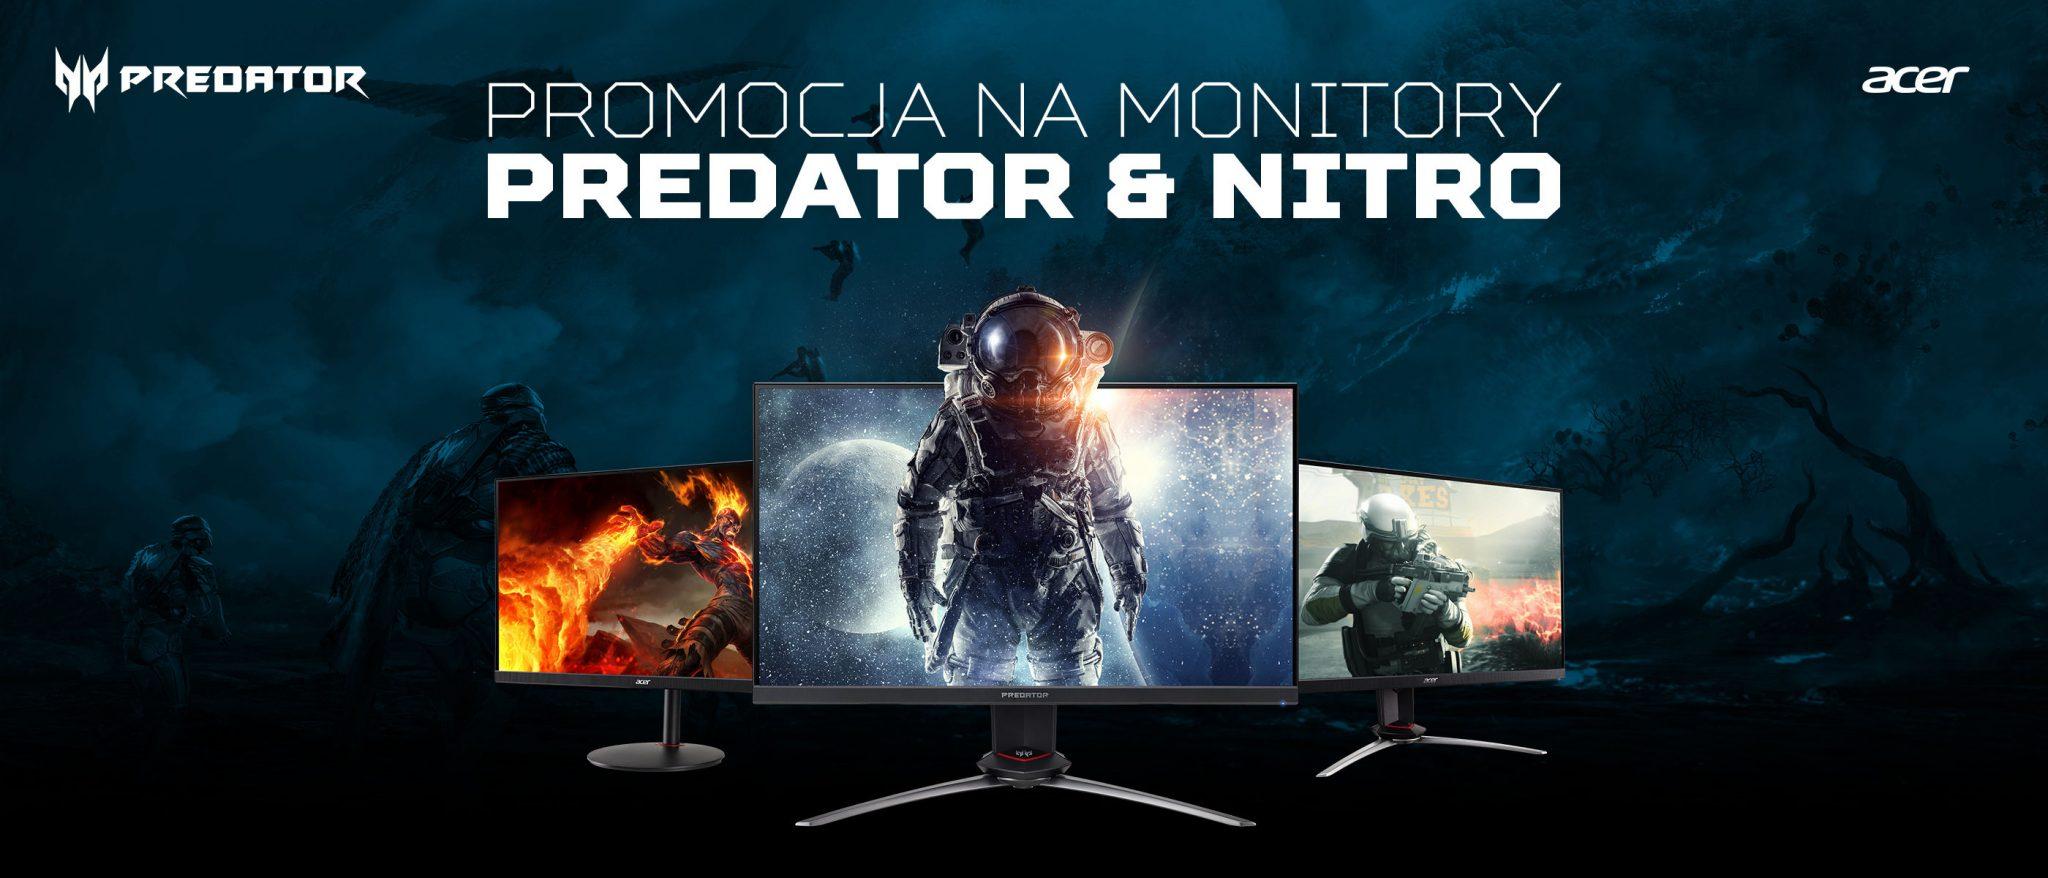 Kup wybrany model monitora PREDATOR lub NITRO i odbierz kod o wartości do 300 zł do wydania przez płatność PAYSAFECARD